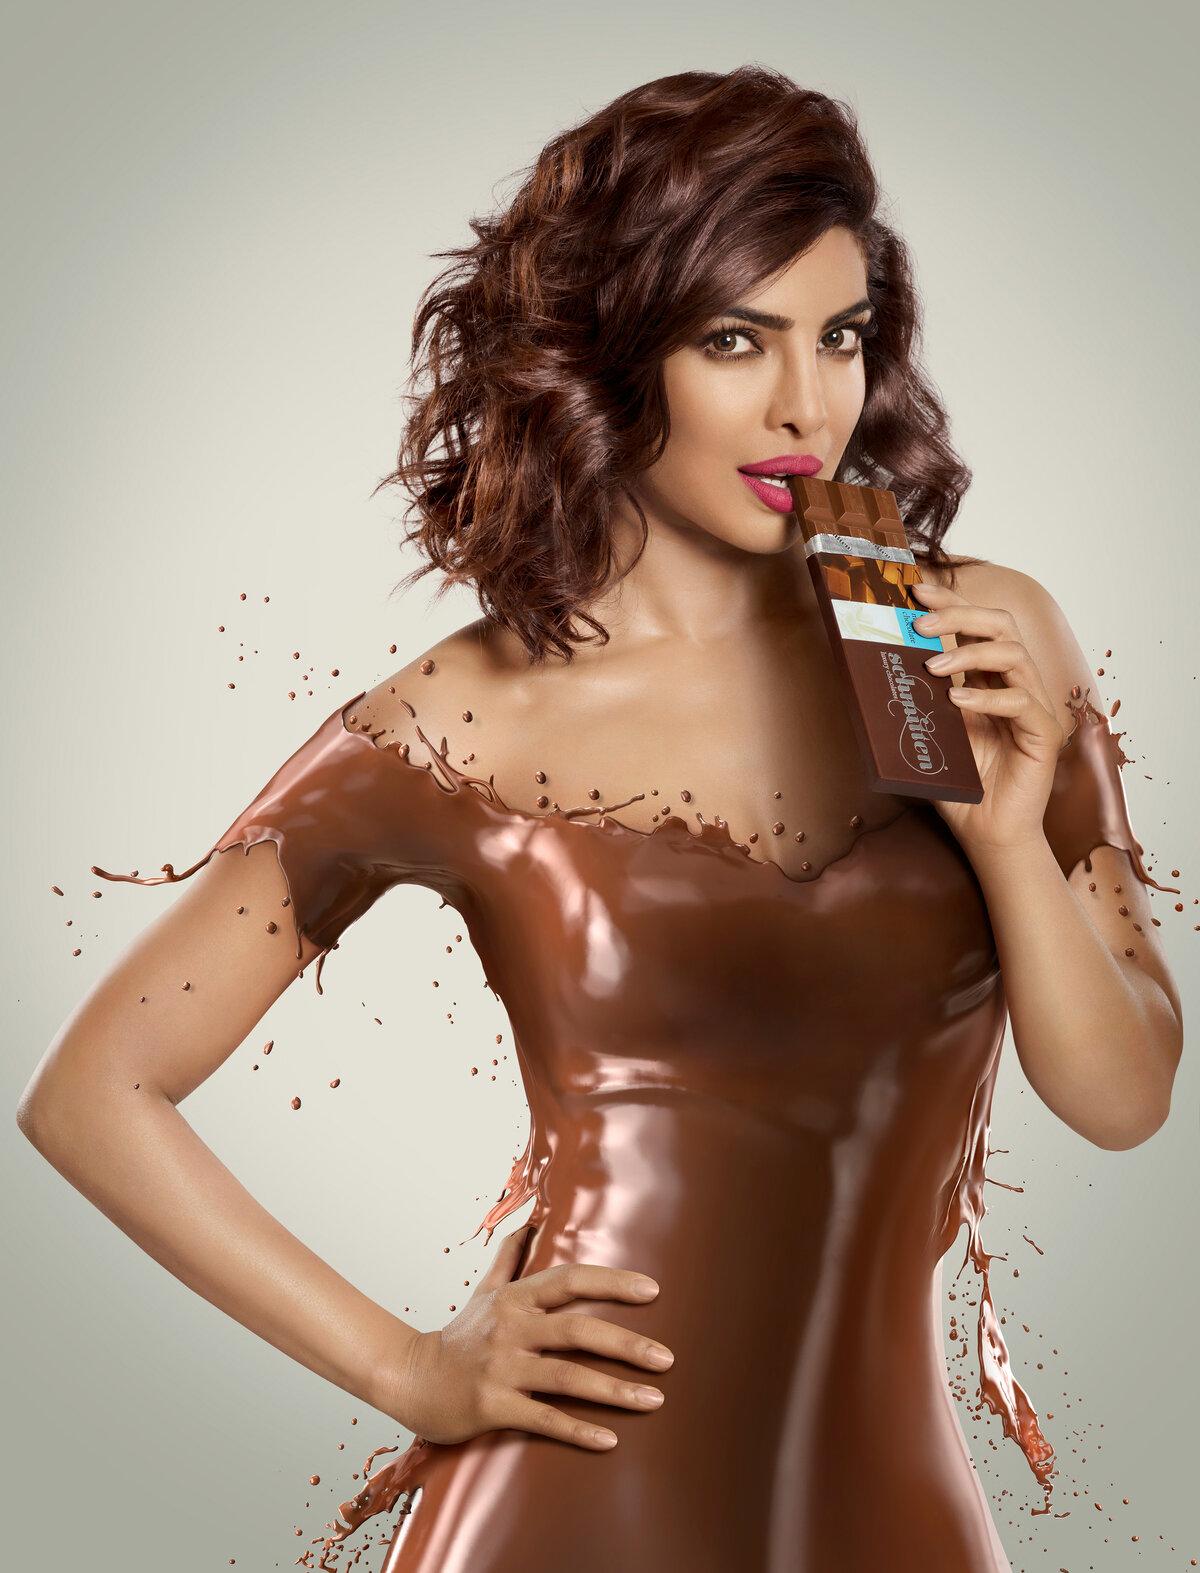 омолаживающие процедуры с шоколадом